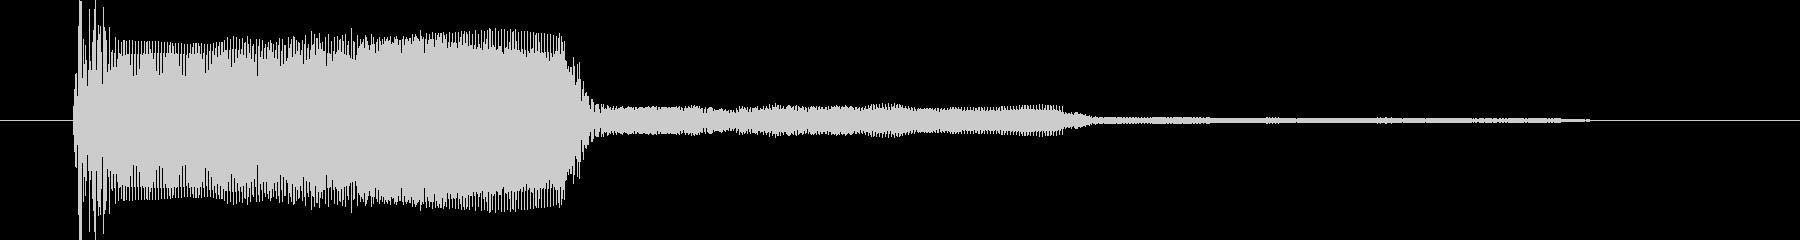 「プー」というシンプルなシグナル音です。の未再生の波形